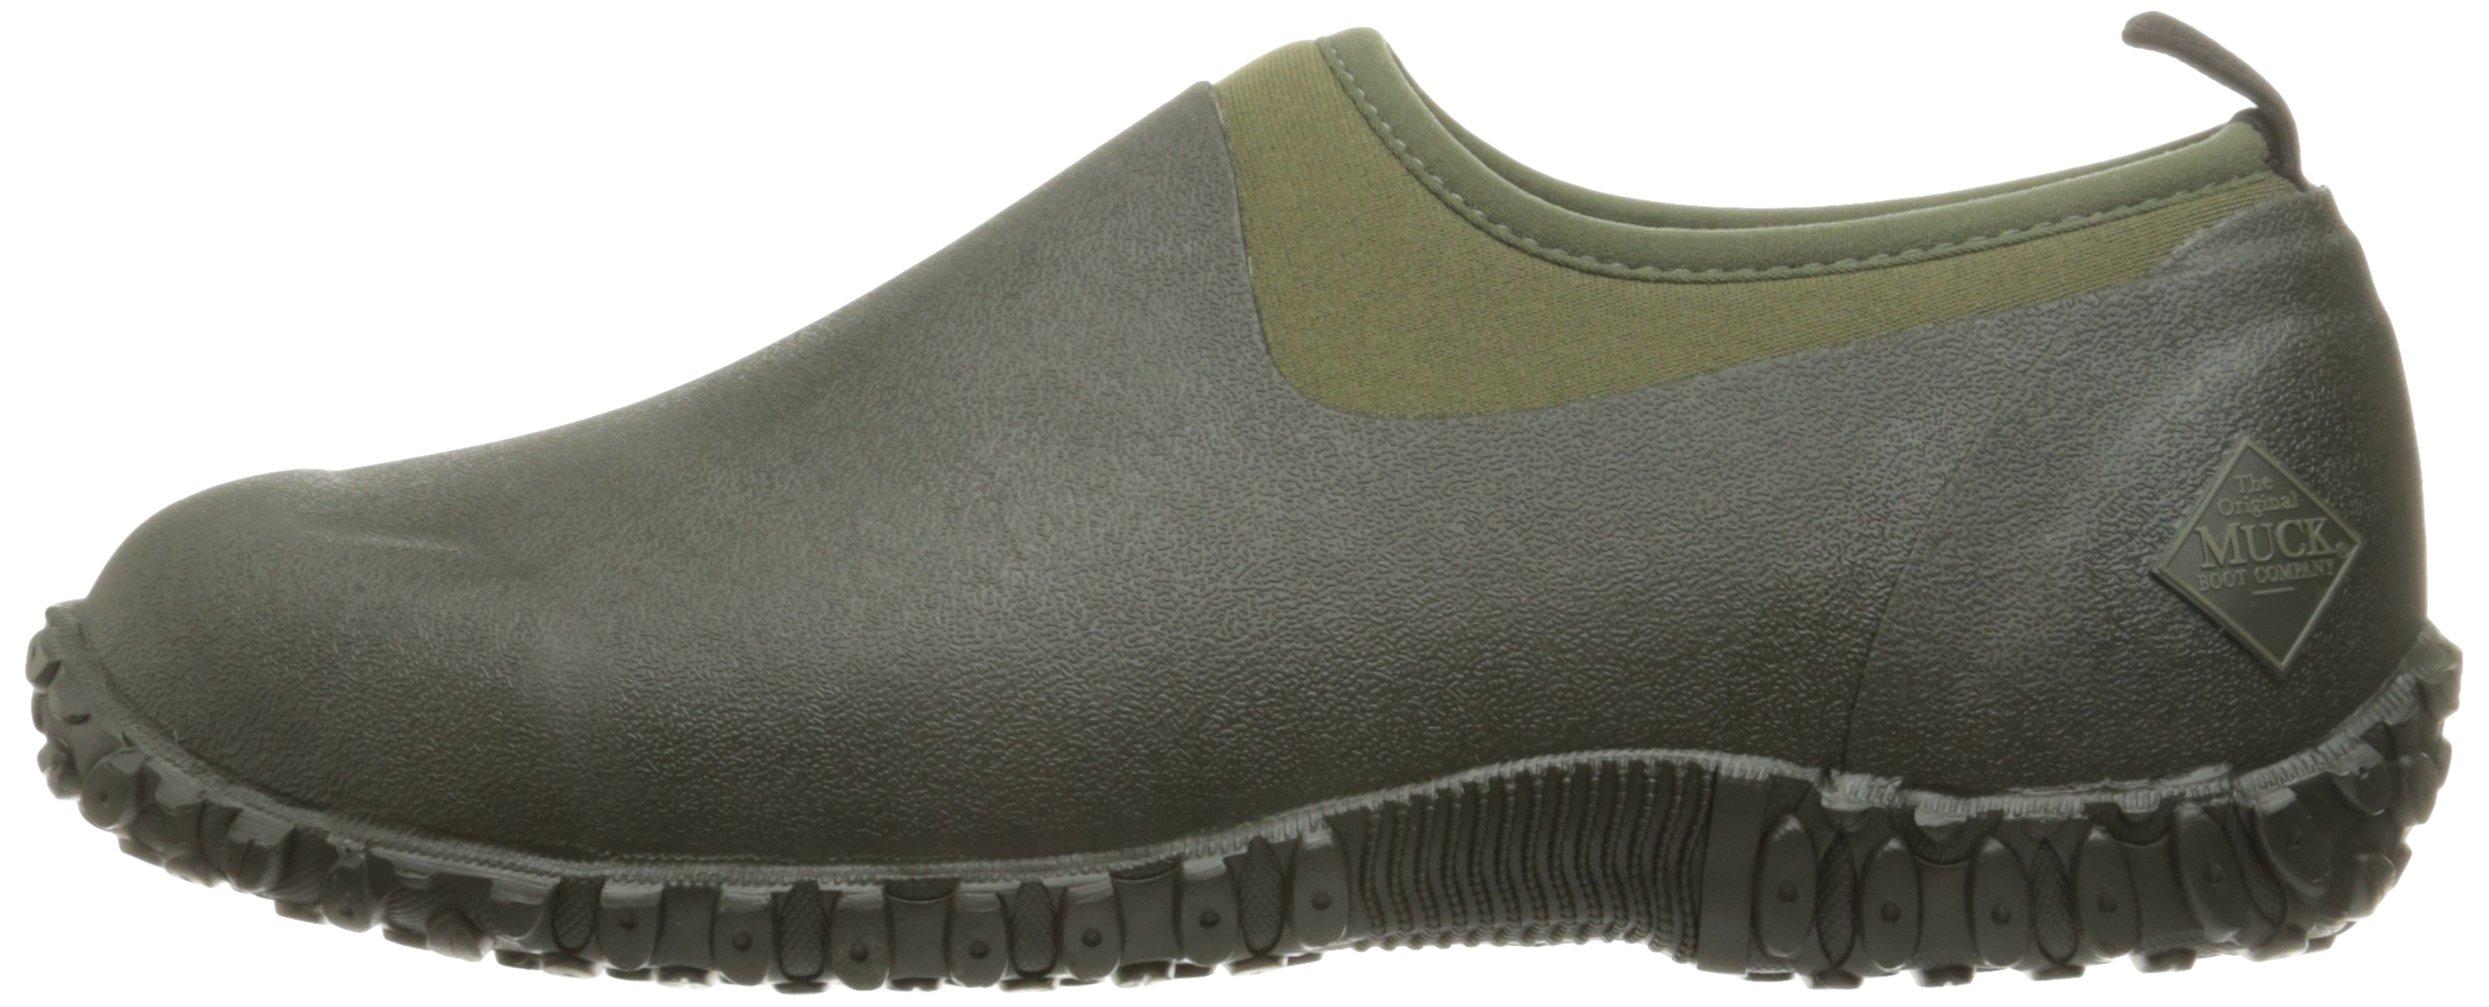 Muckster ll Men's Rubber Garden Shoes,Moss/Green,7 US/7-7.5 M US by Muck Boot (Image #5)